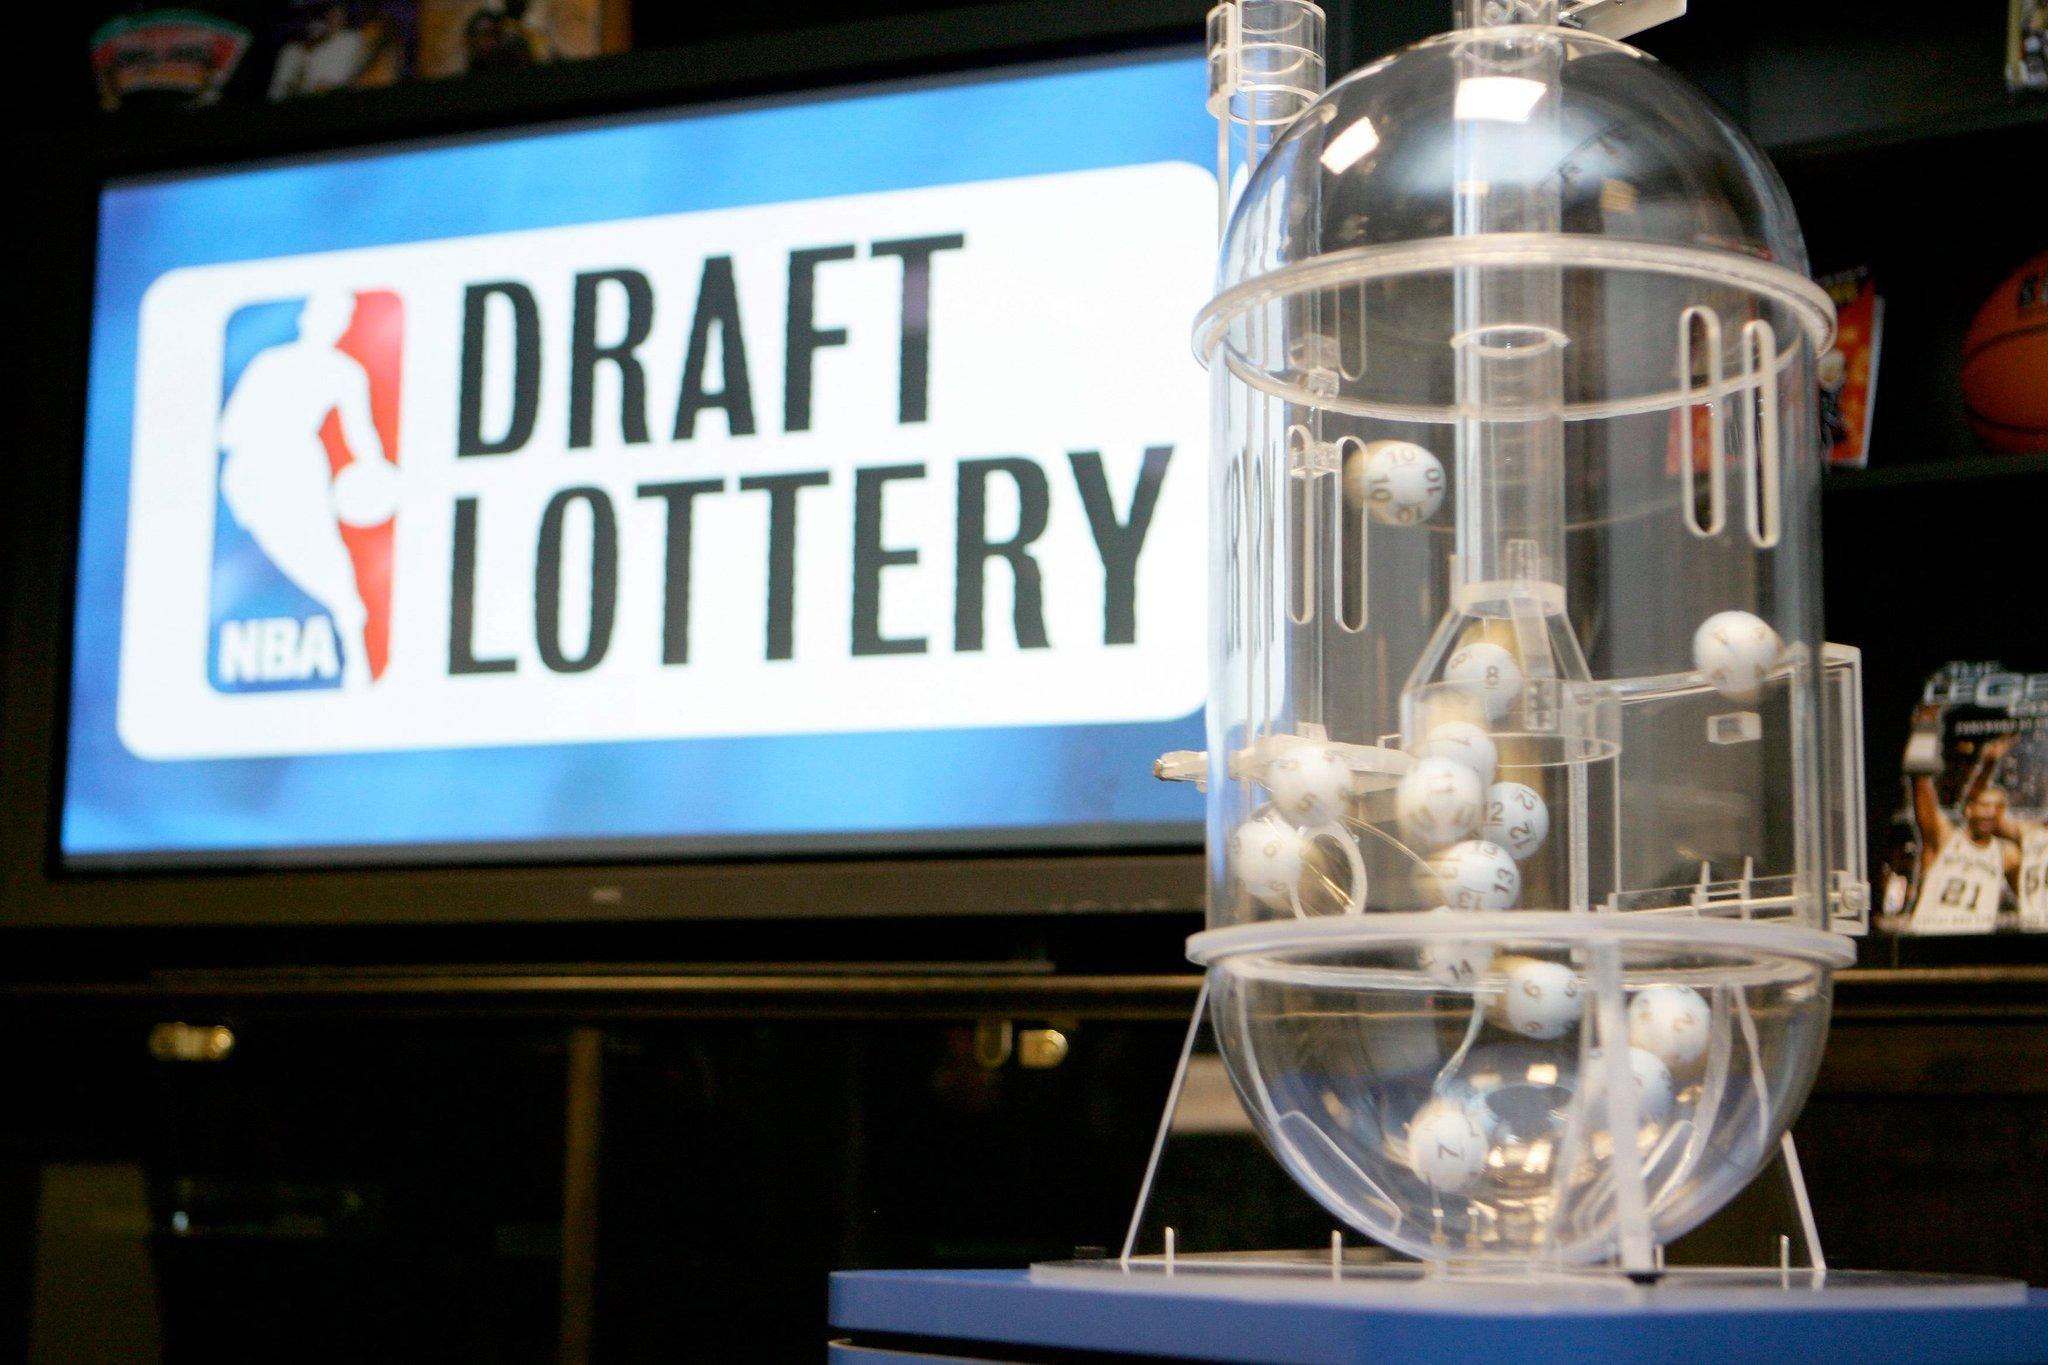 Minnesota gana la primera elección del Draft vía la loteria — NBA